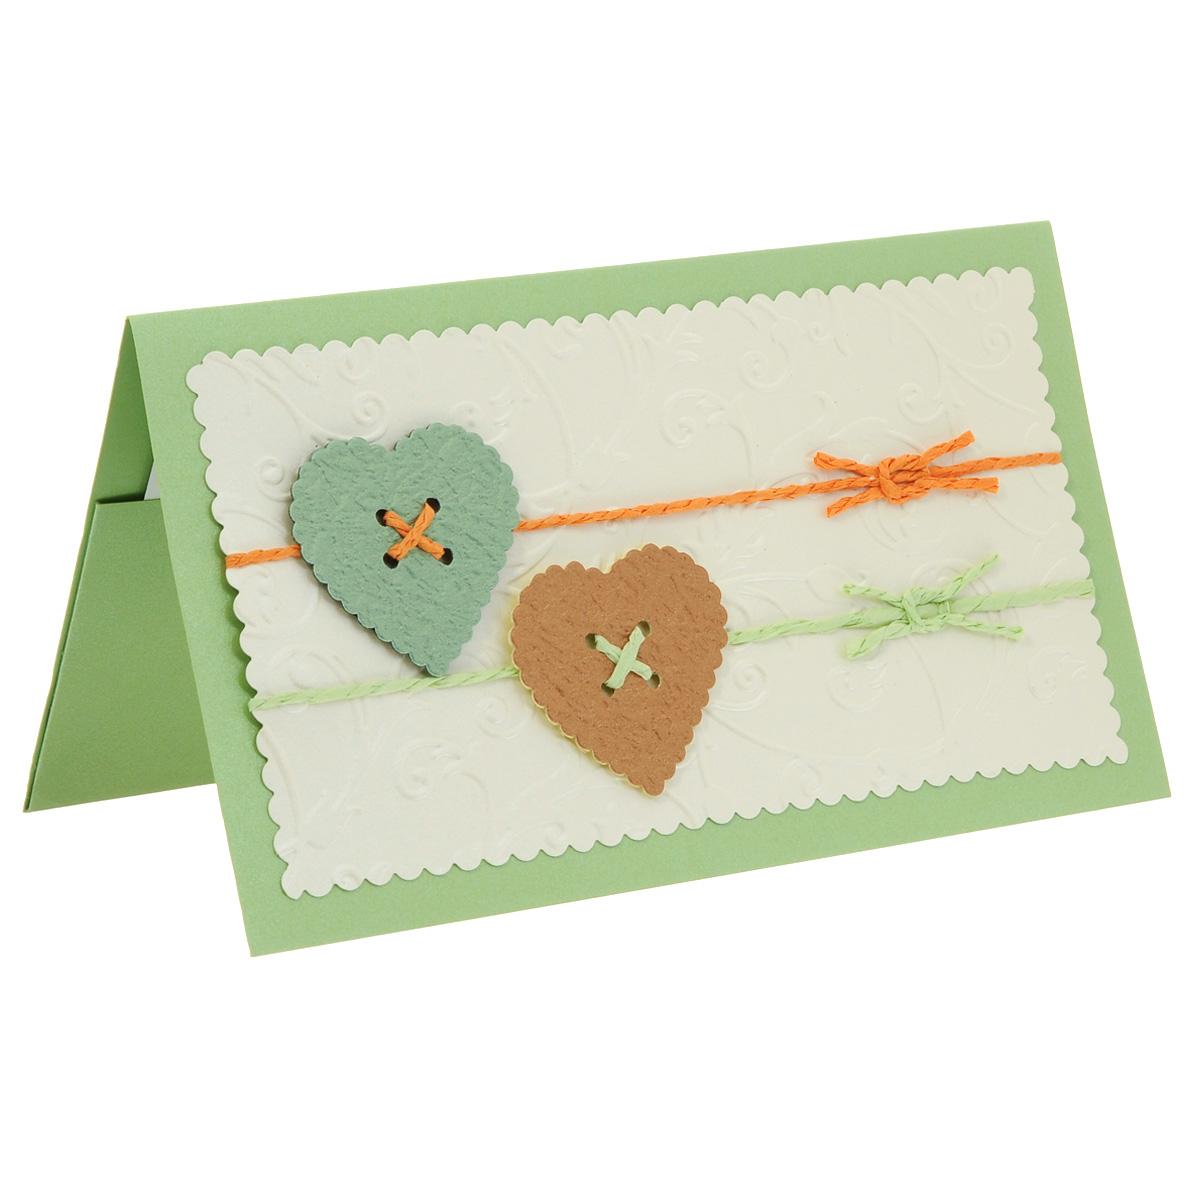 ОВЛ-0001 Открытка-конверт (сердечки с вощеным шнуром). Студия «Тётя Роза»010120003/1Характеристики: Размер 19 см x 11 см.Материал: Высоко-художественный картон, бумага, декор. Данная открытка может стать как прекрасным дополнением к вашему подарку, так и самостоятельным подарком. Так как открытка является и конвертом, в который вы можете вложить ваш денежный подарок или просто написать ваши пожелания на вкладыше. Легкий, свежий конверт с ажурными сердечками в виде пуговок на шнурках выполнен в нежно-зеленых и кремовых тонах. Основной фон выполнен с рельефными вензелями, которые придают праздничную нарядность этому поздравлению. Также открытка упакована в пакетик для сохранности.Обращаем Ваше внимание на то, что открытка может незначительно отличаться от представленной на фото.Открытки ручной работы от студии Тётя Роза отличаются своим неповторимым и ярким стилем. Каждая уникальна и выполнена вручную мастерами студии. (Открытка для мужчин, открытка для женщины, открытка на день рождения, открытка с днем свадьбы, открытка винтаж, открытка с юбилеем, открытка на все случаи, скрапбукинг)